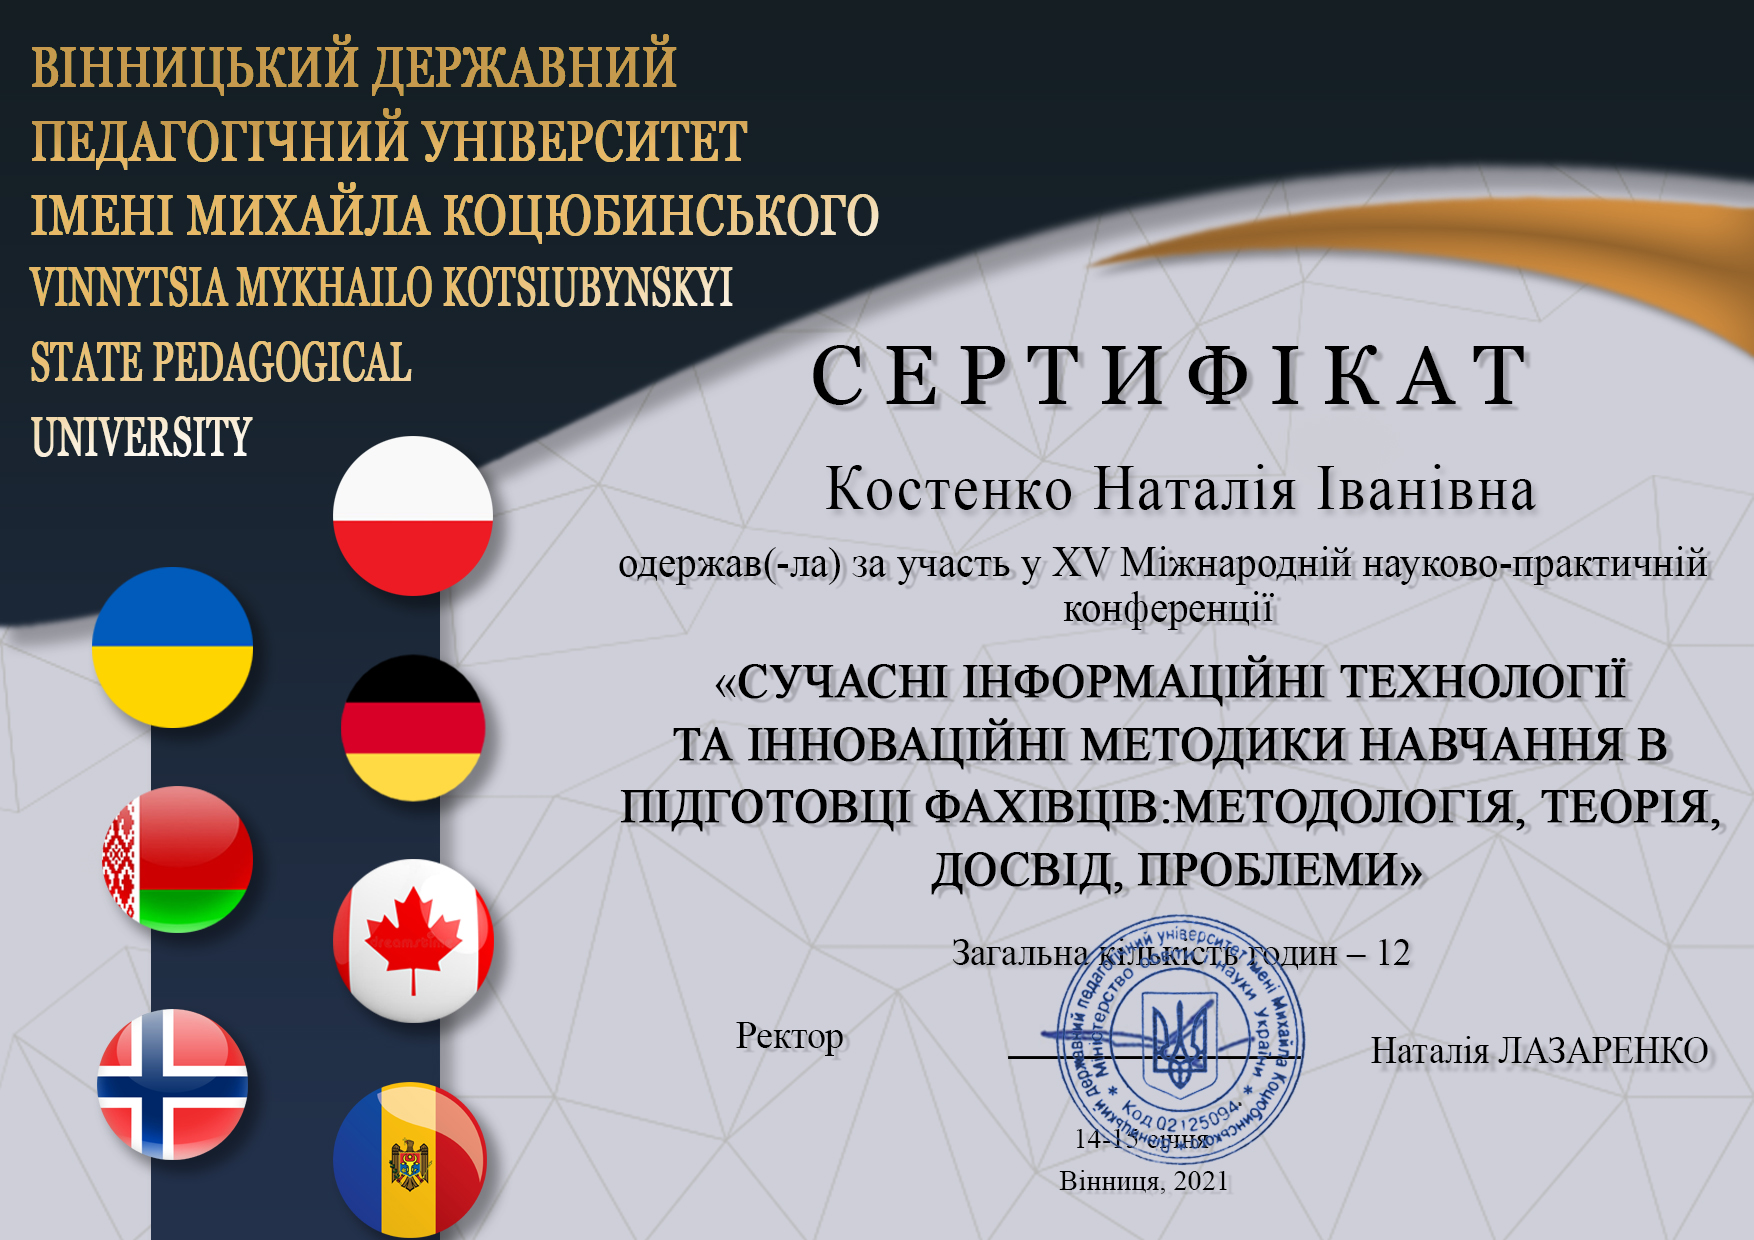 Костенко Наталія Іванівна